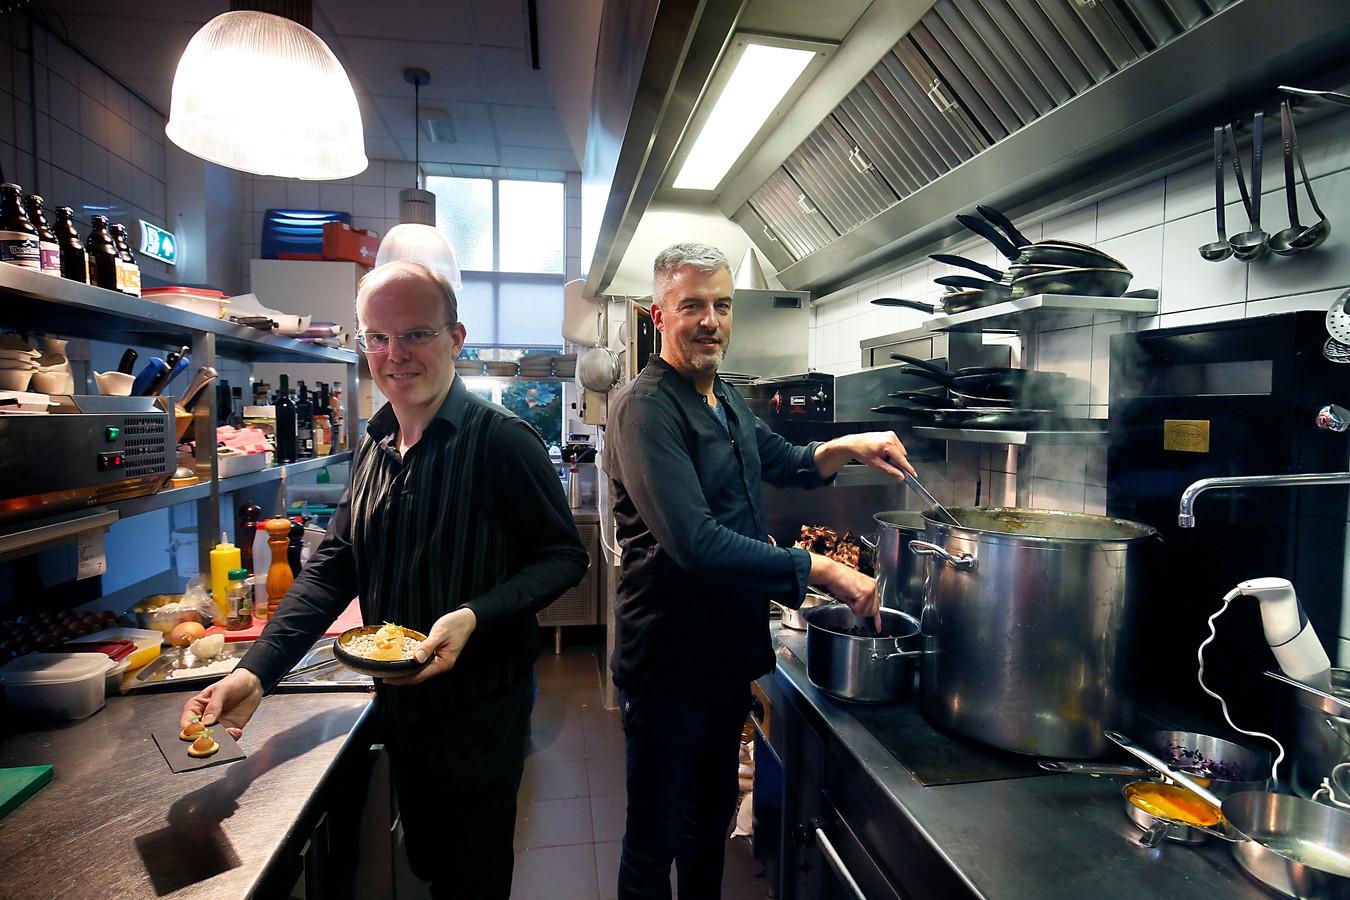 Gastheer-sommelier Michaël (links) en chef en eigenaar Patrick (rechts) in de open keuken van het restaurant.